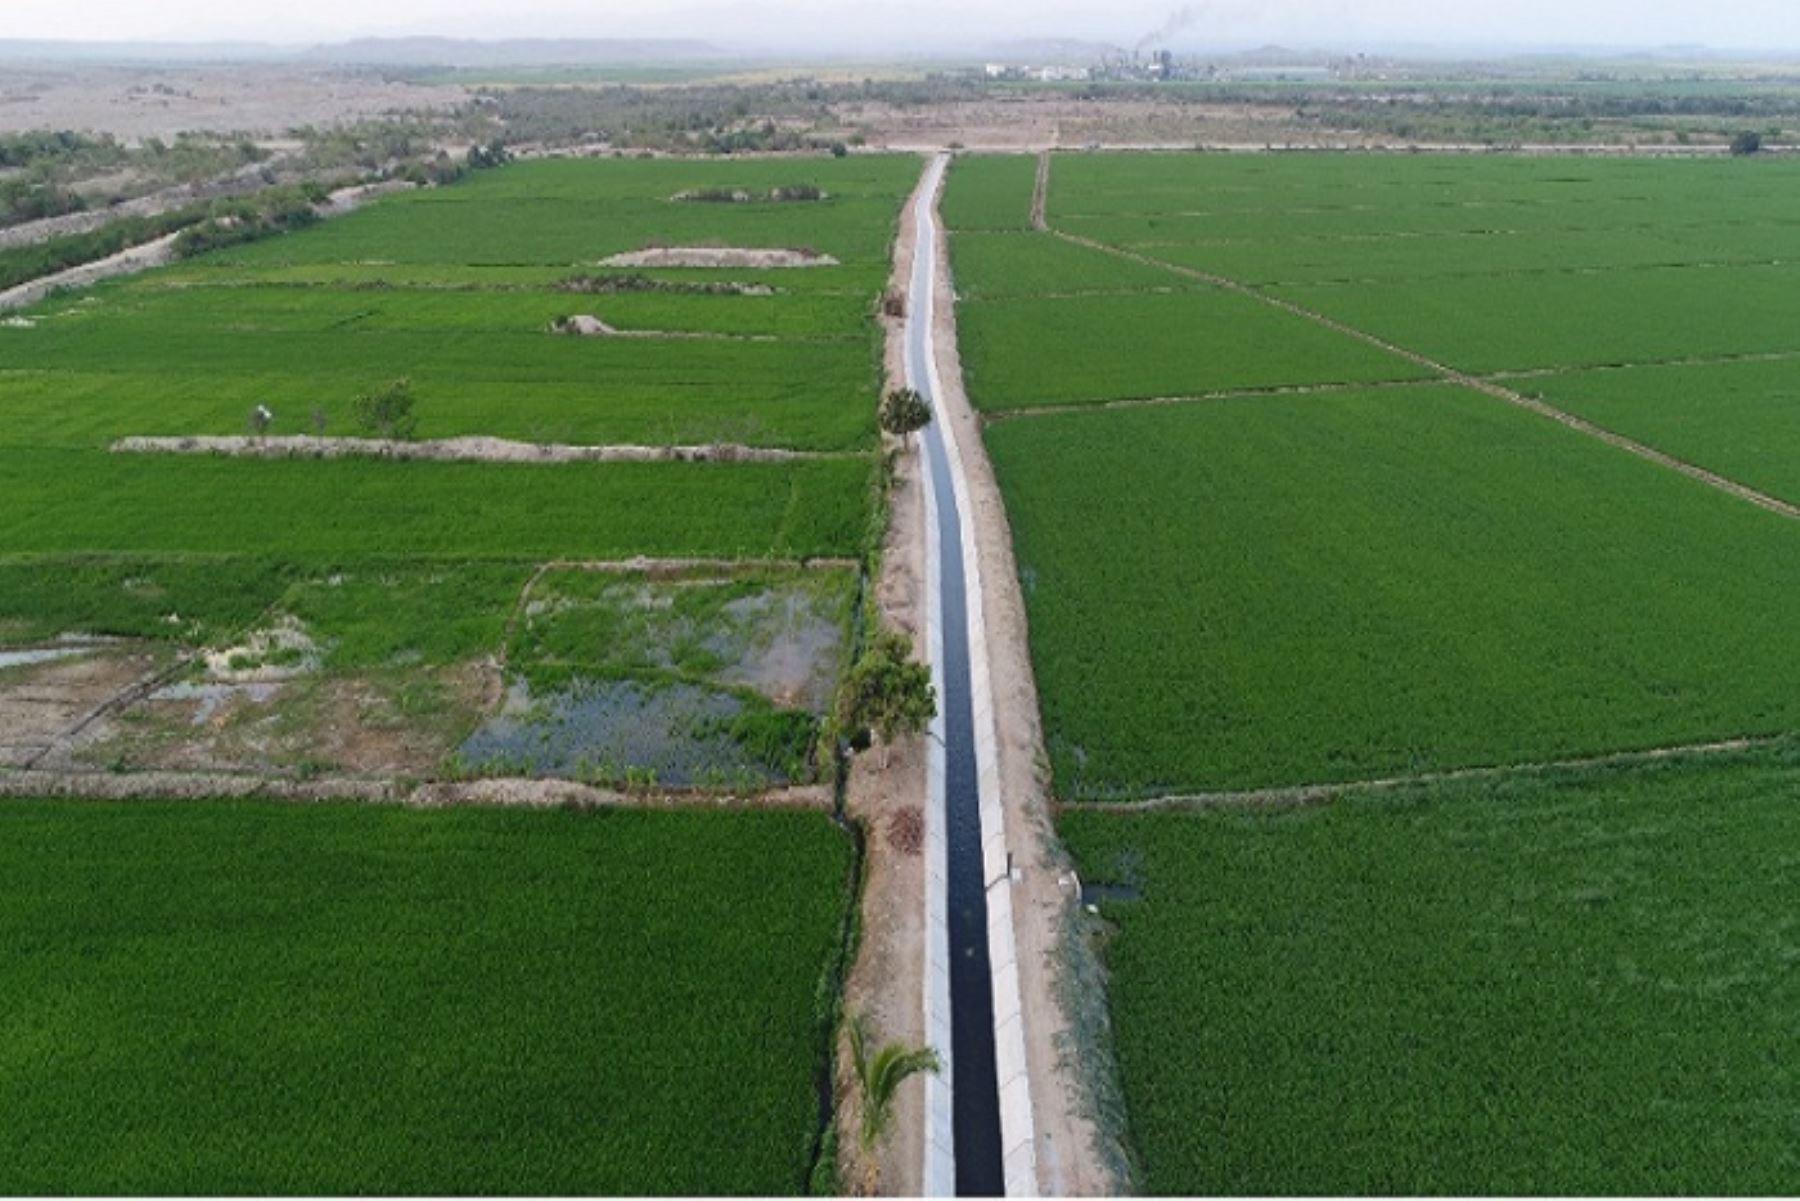 Infraestructura hidráulica rehabilitada abastecerá con agua para riego de más de 23,000 hectáreas agrícolas de las mencionadas regiones.